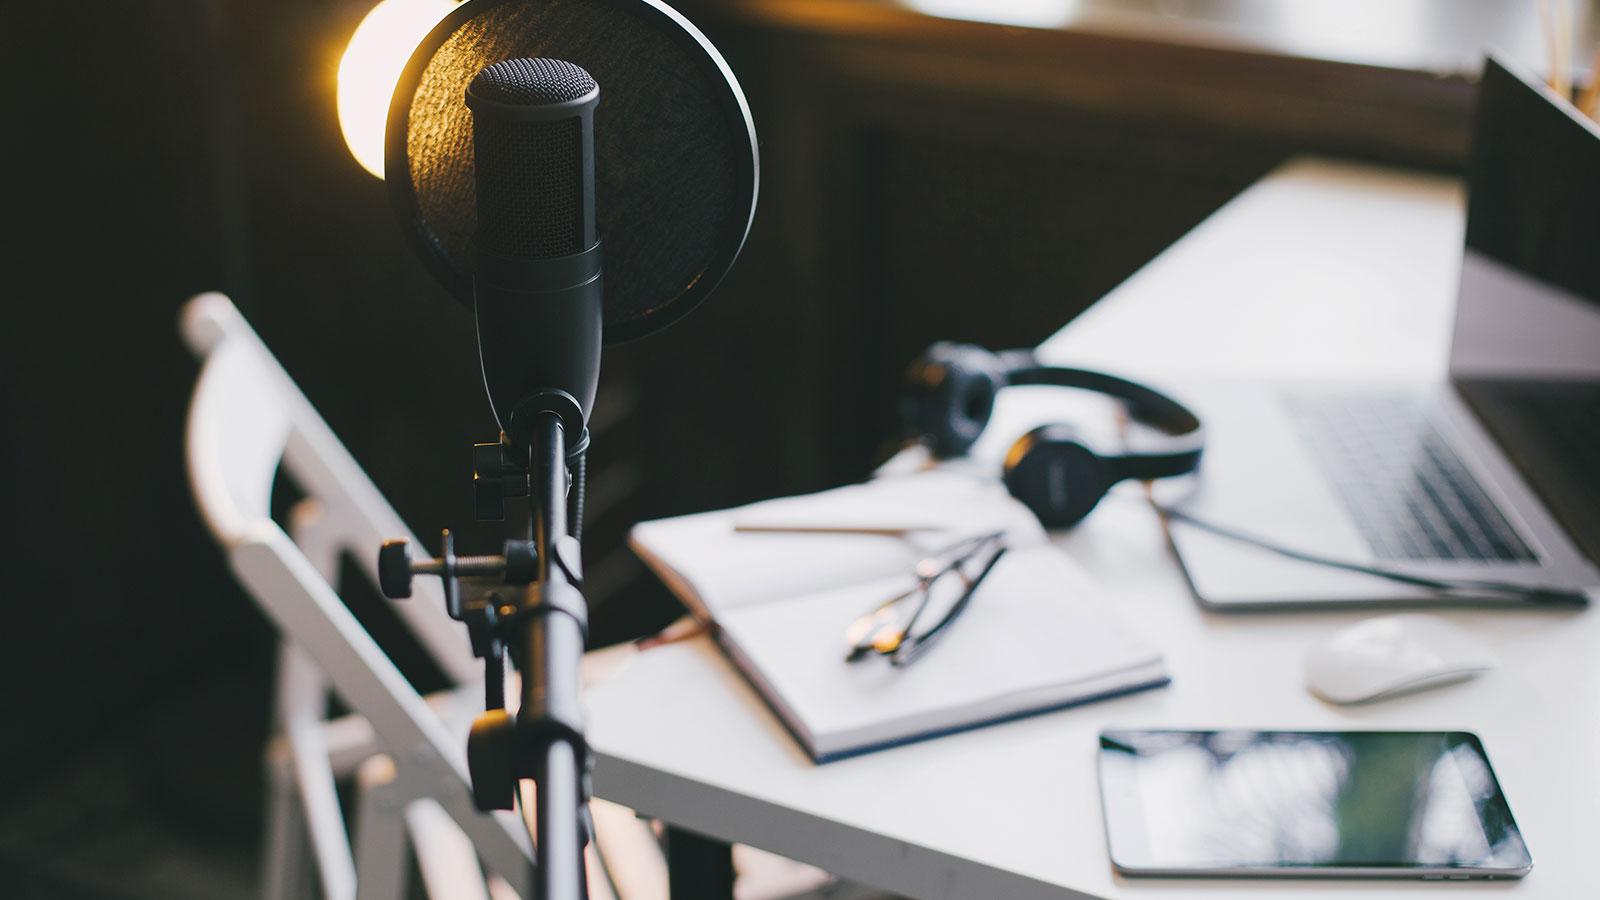 economia criativa 4 - O que é a economia criativa e quais são seus impactos na sociedade?